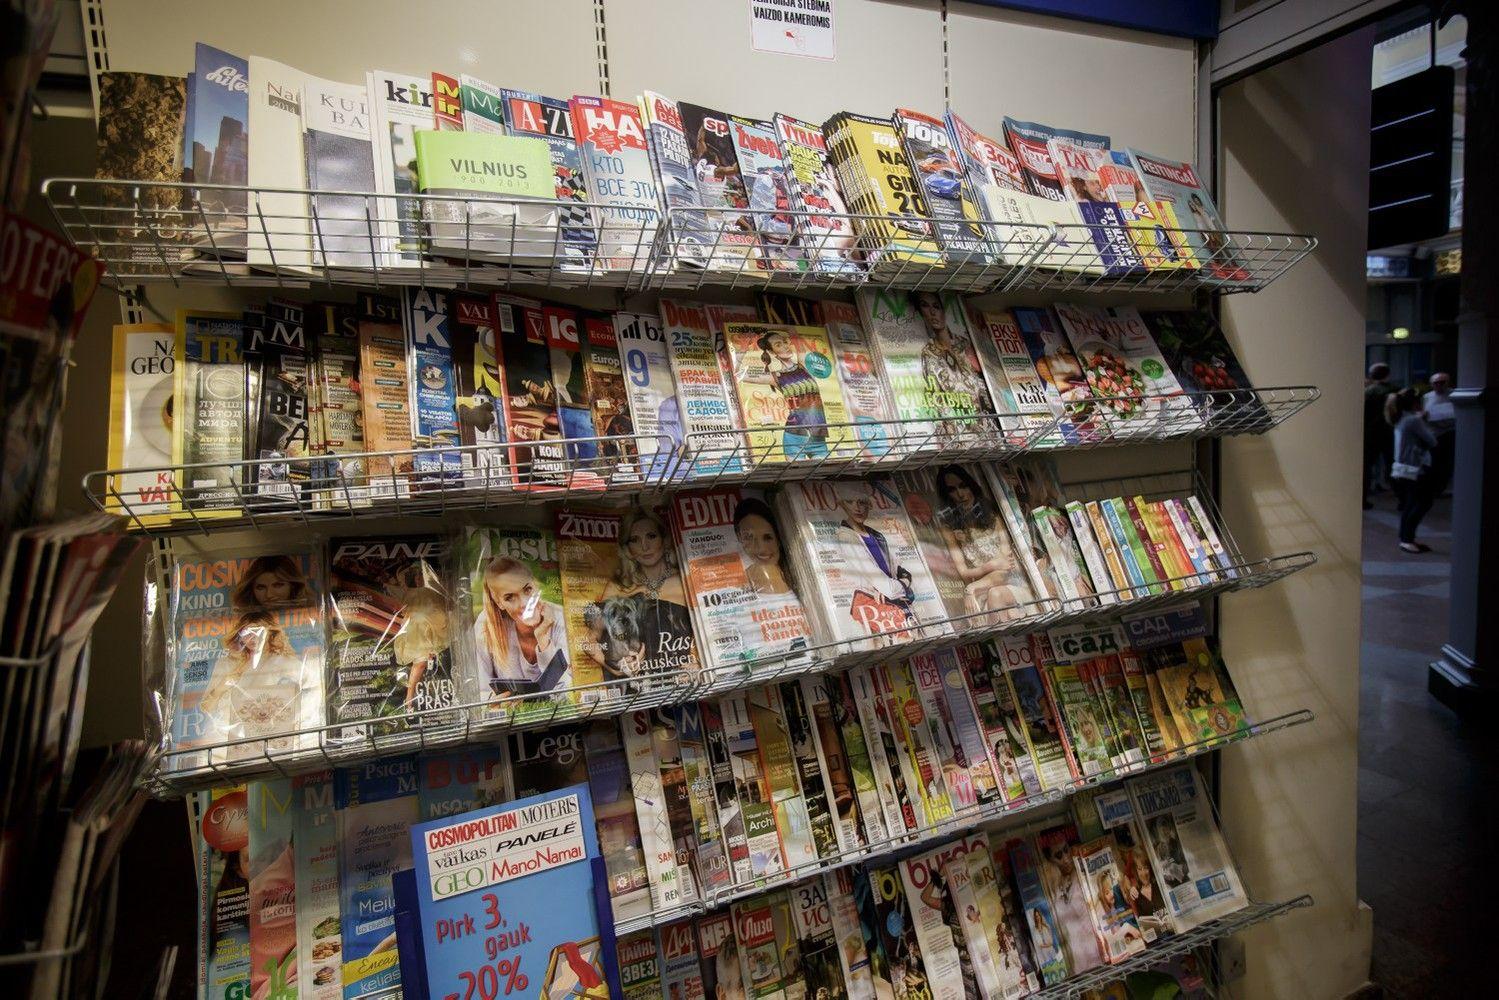 Tyrimas: ES viešinimo lėšos daro įtaką žiniasklaidos turiniui